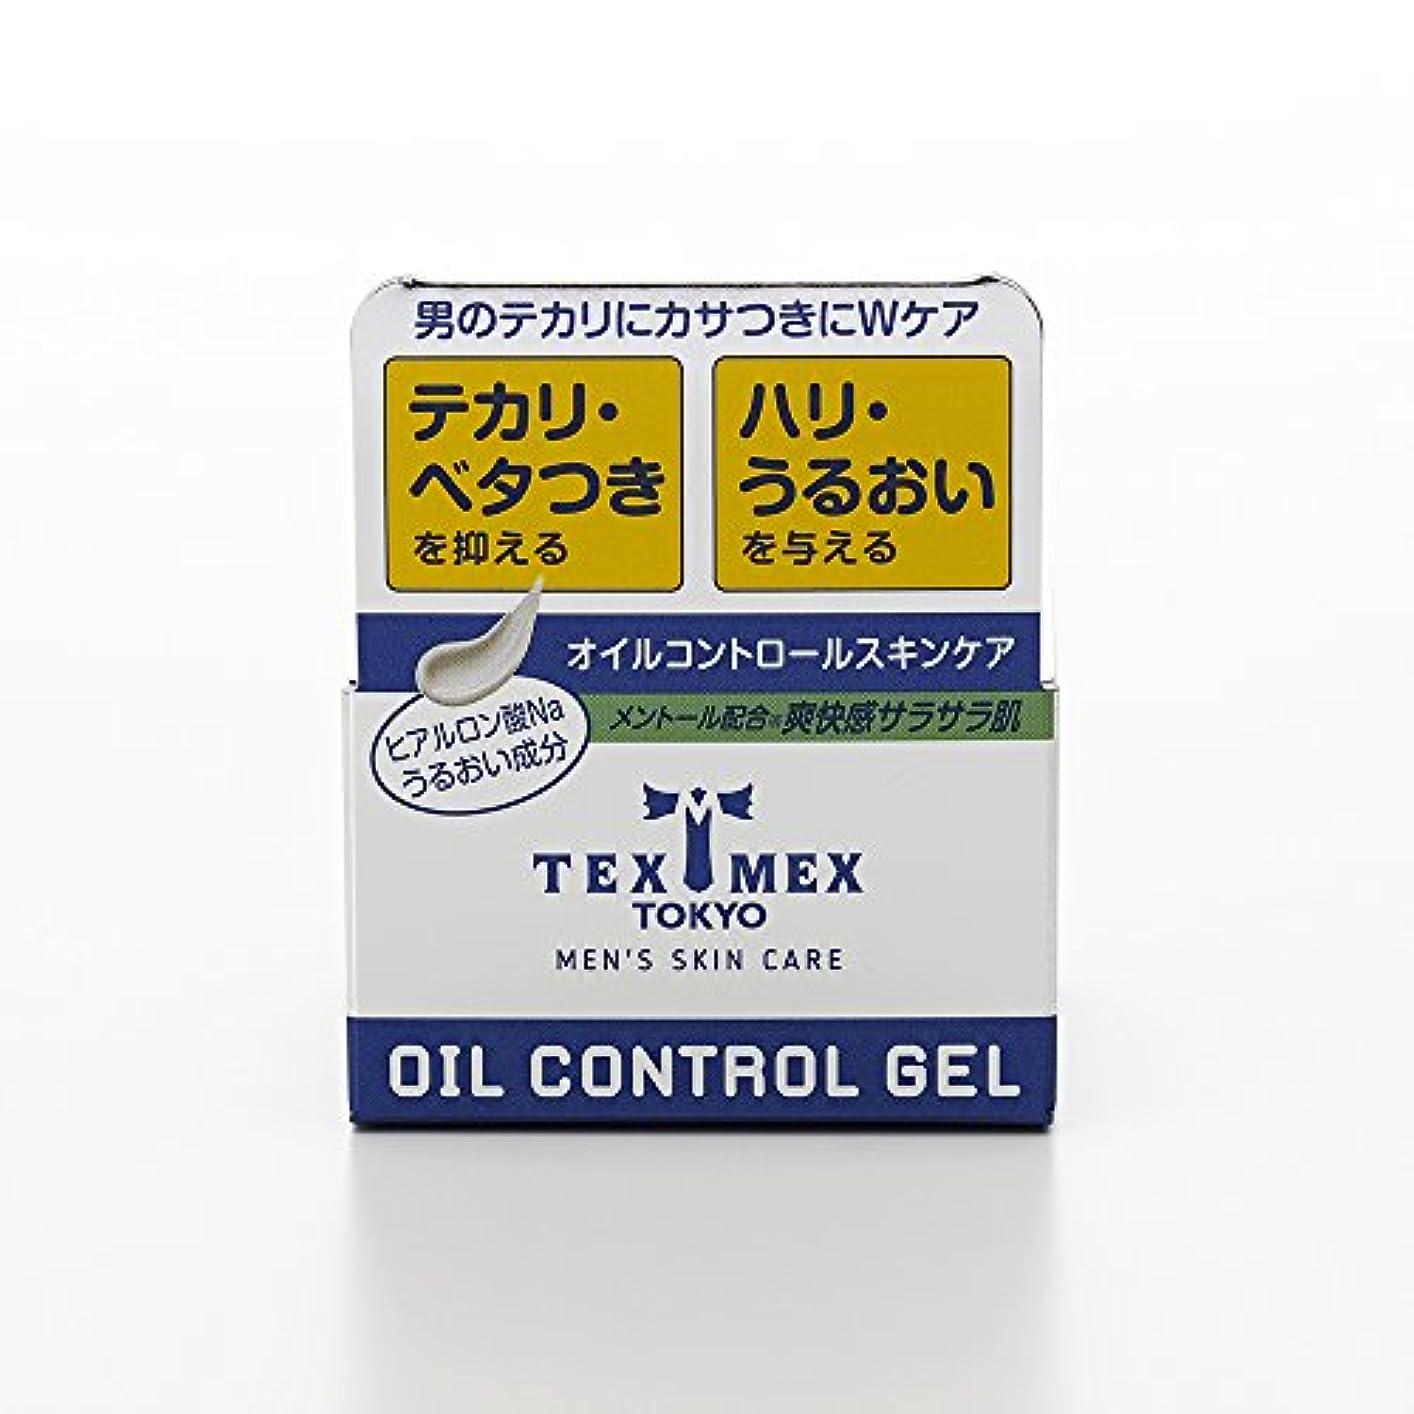 移動天井ジャーナリストテックスメックス オイルコントロールジェル 24g (テカリ防止ジェル) 【塗るだけでサラサラ肌に】